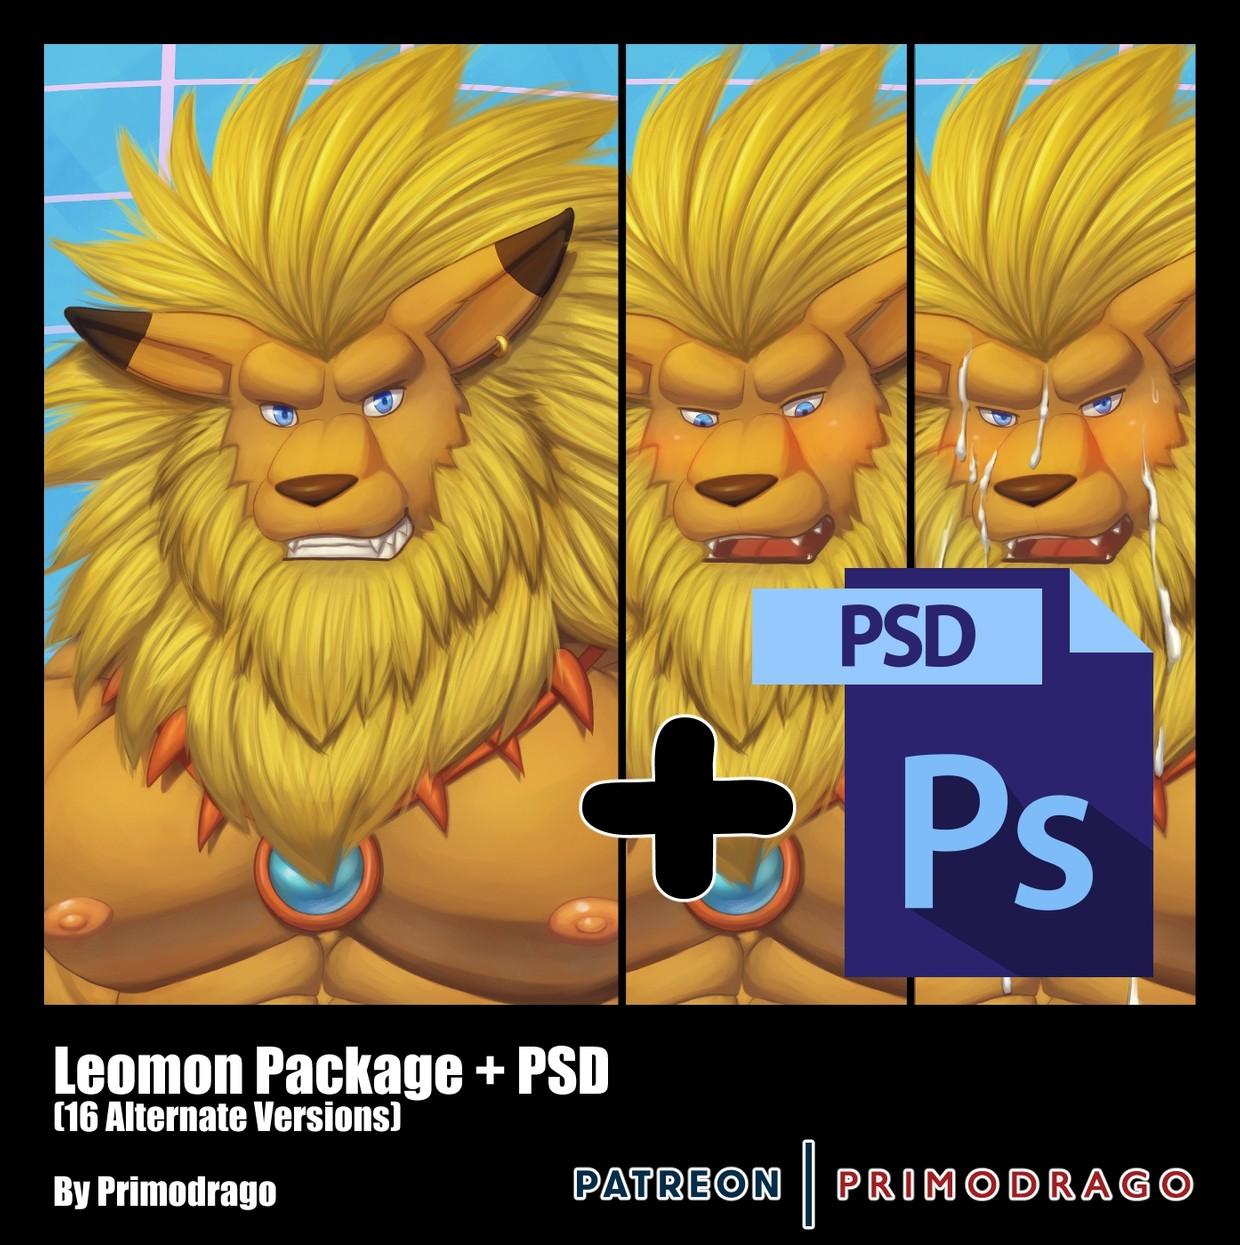 Leomon Artpack + PSD File